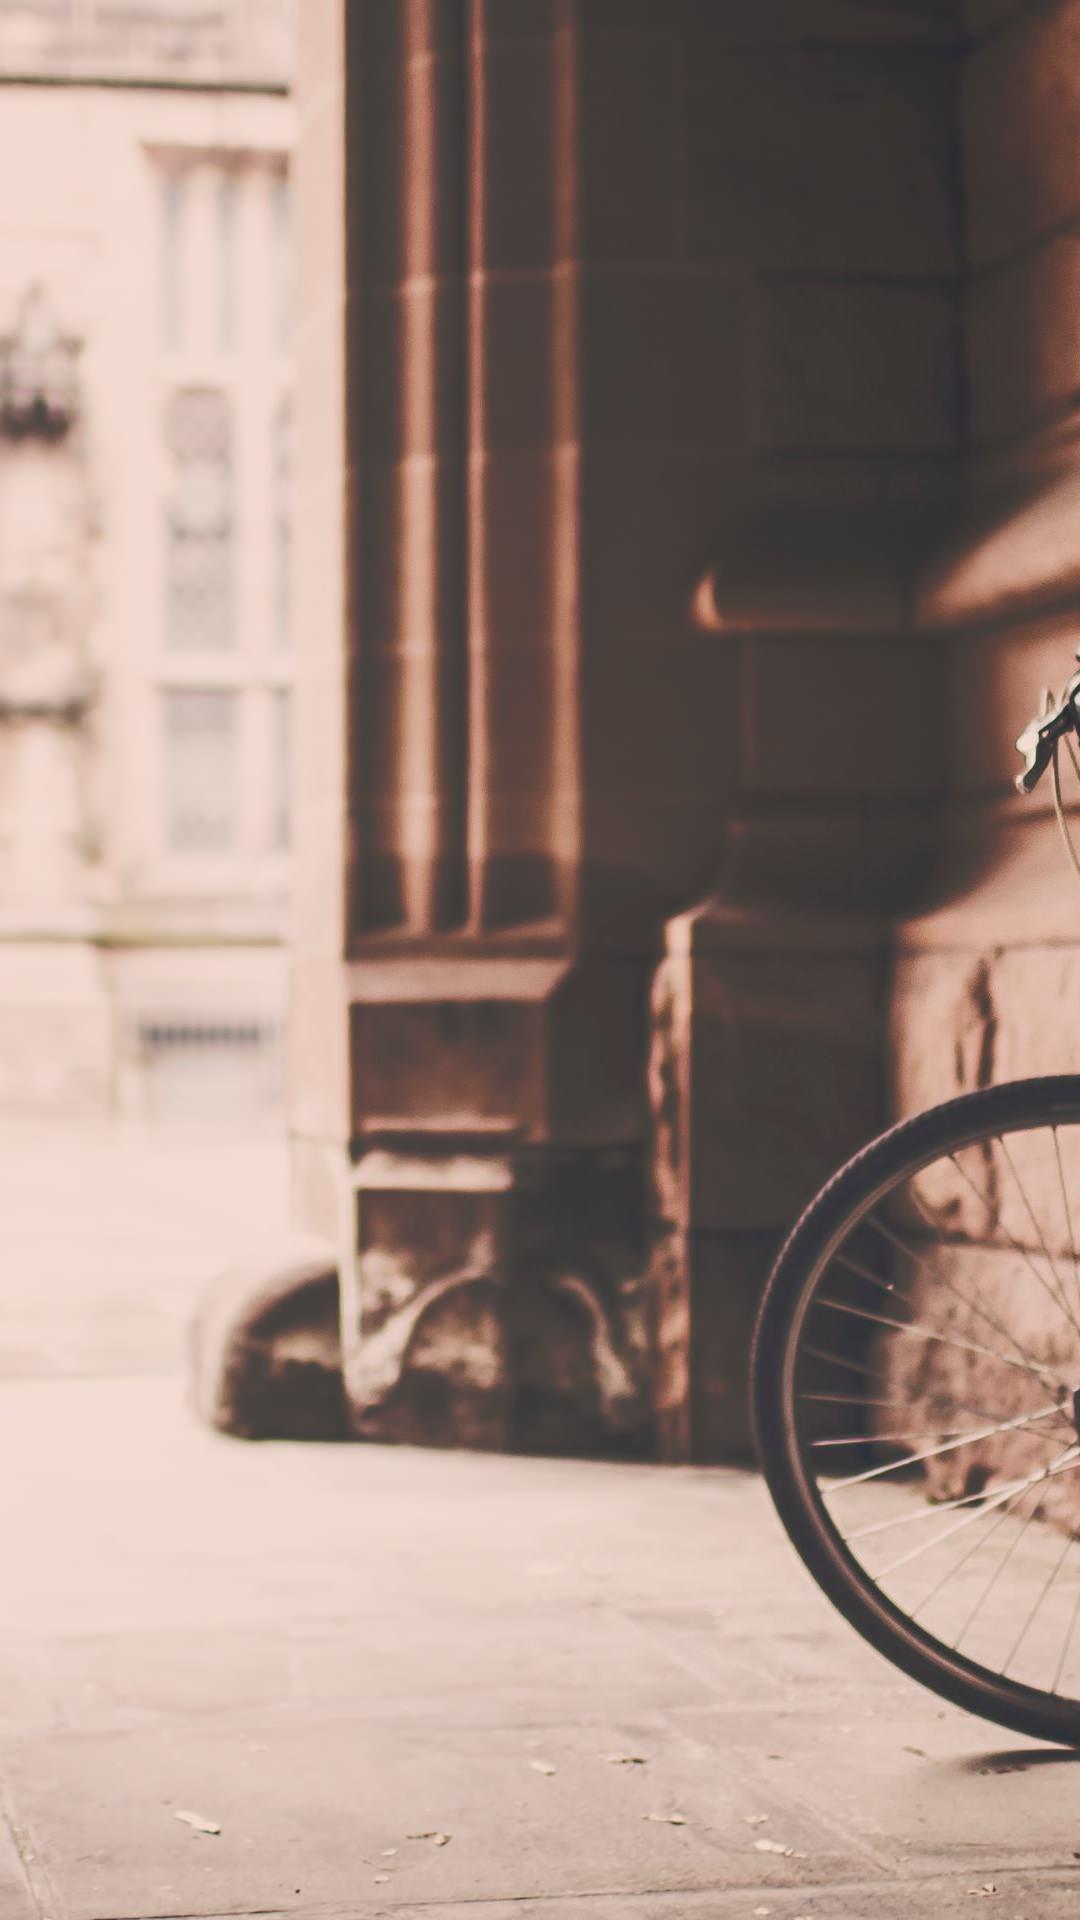 風景自転車オシャレ Wallpaper Sc スマホ壁紙